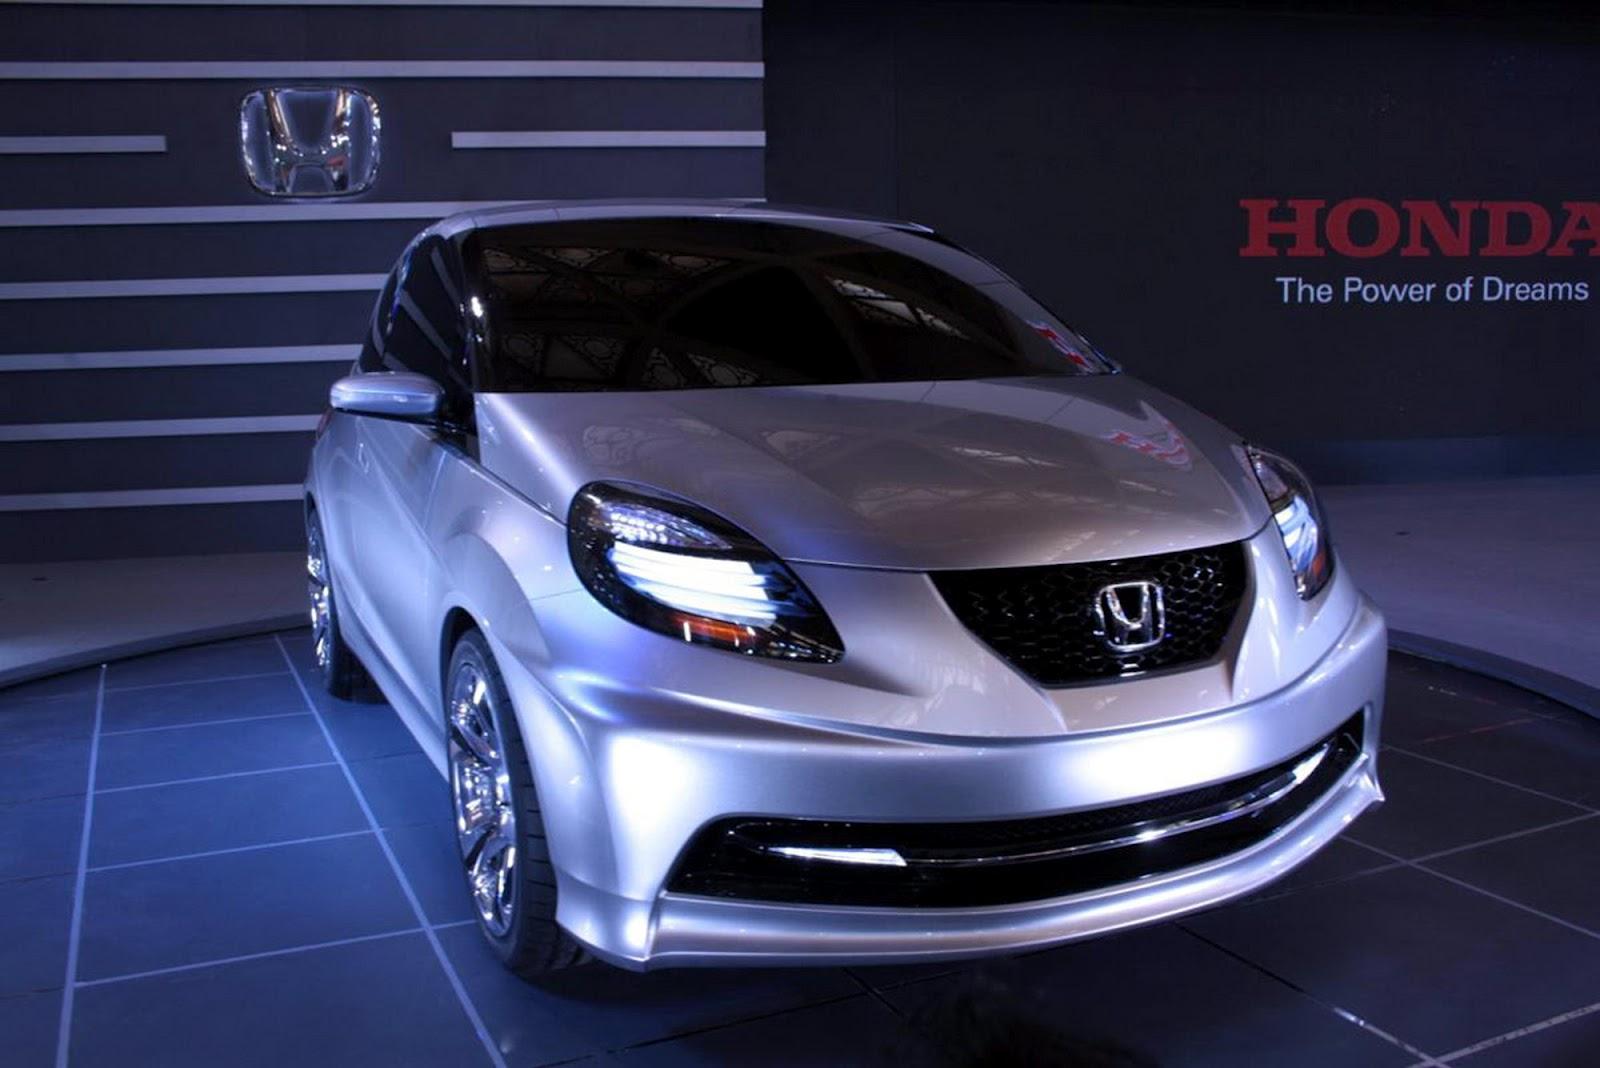 http://4.bp.blogspot.com/-sTGpfa_RweI/T3xo9HbAY_I/AAAAAAAAAE8/ZamCoe5wRD4/s1600/2010+Honda+Brio+%25287%2529.jpg